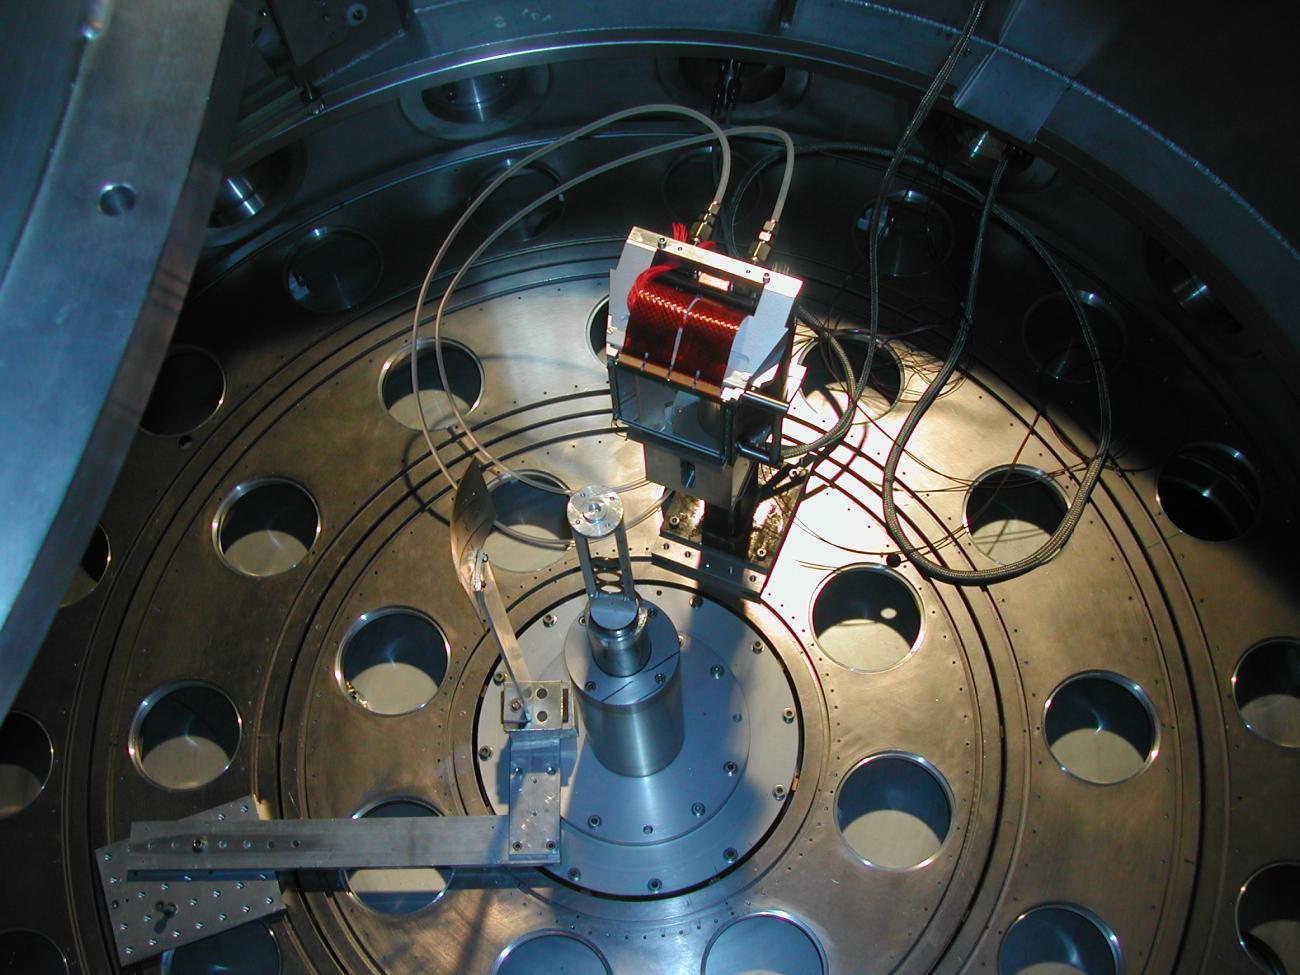 Un télescope MUST2 dans la chambre à réaction de SPEG, au GANIL.